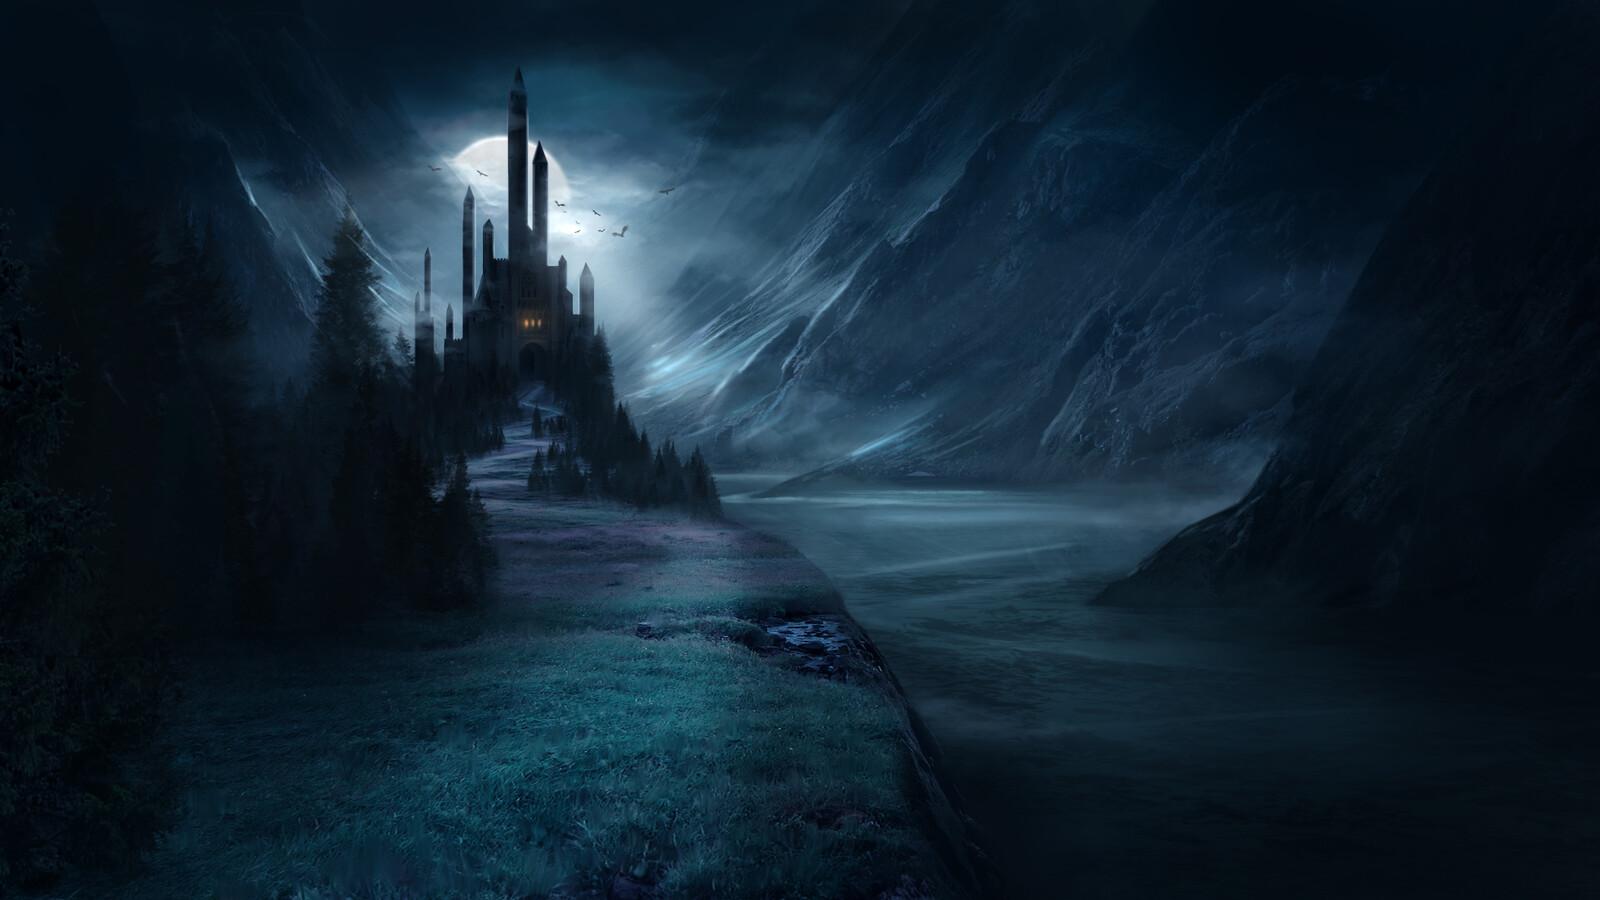 Dracula Environment Painting